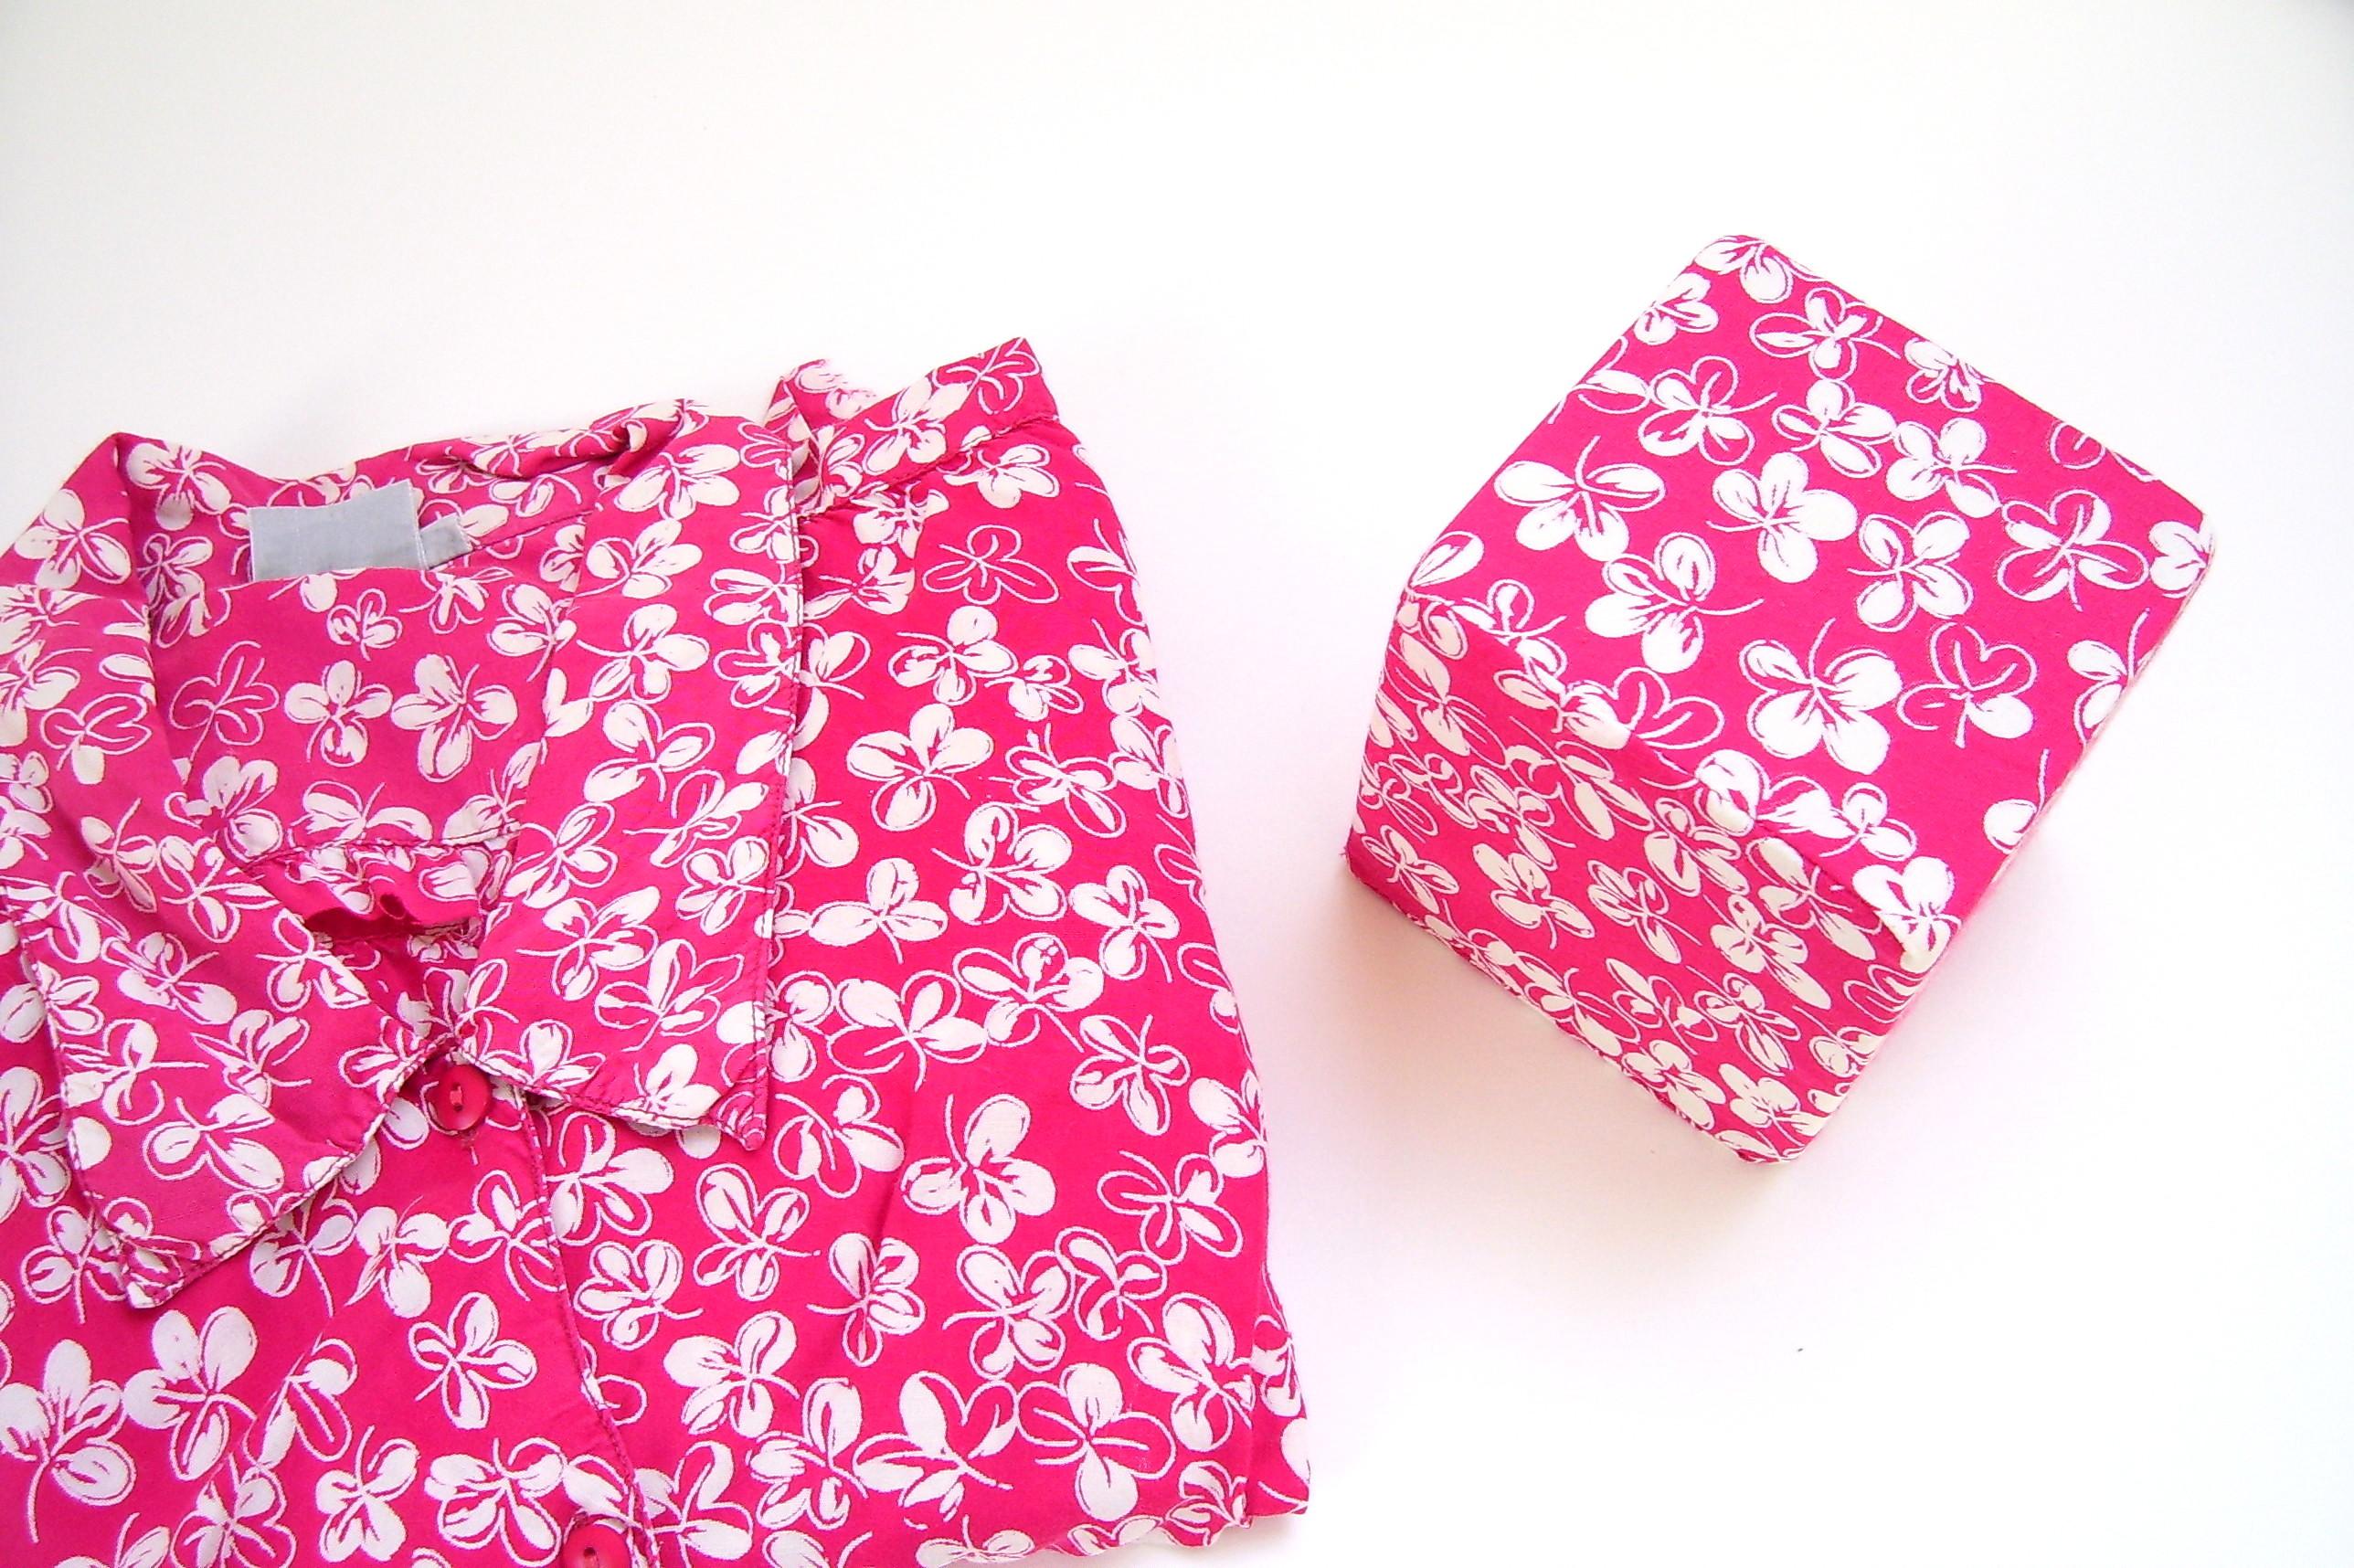 Kleding kubus. Bij het opruimen kan de kubus je helpen om juist herinneringen van kleding te bewaren.